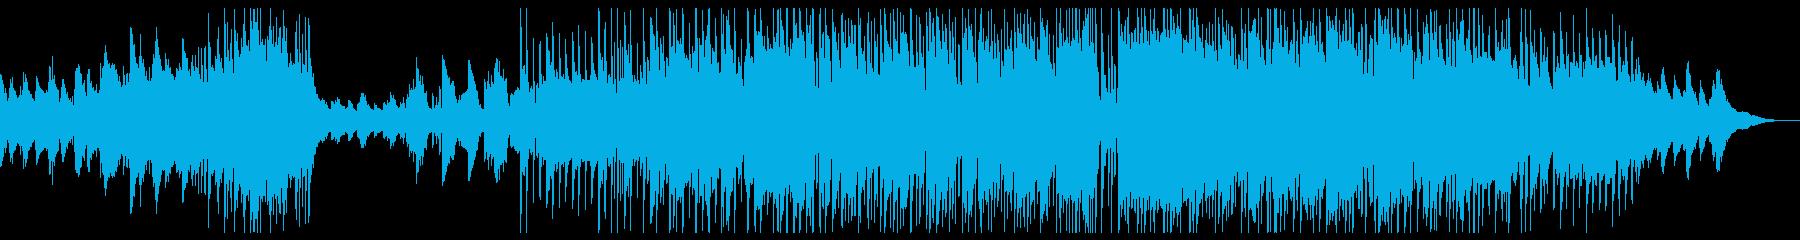 朝をイメージしたポップスのインスト曲の再生済みの波形